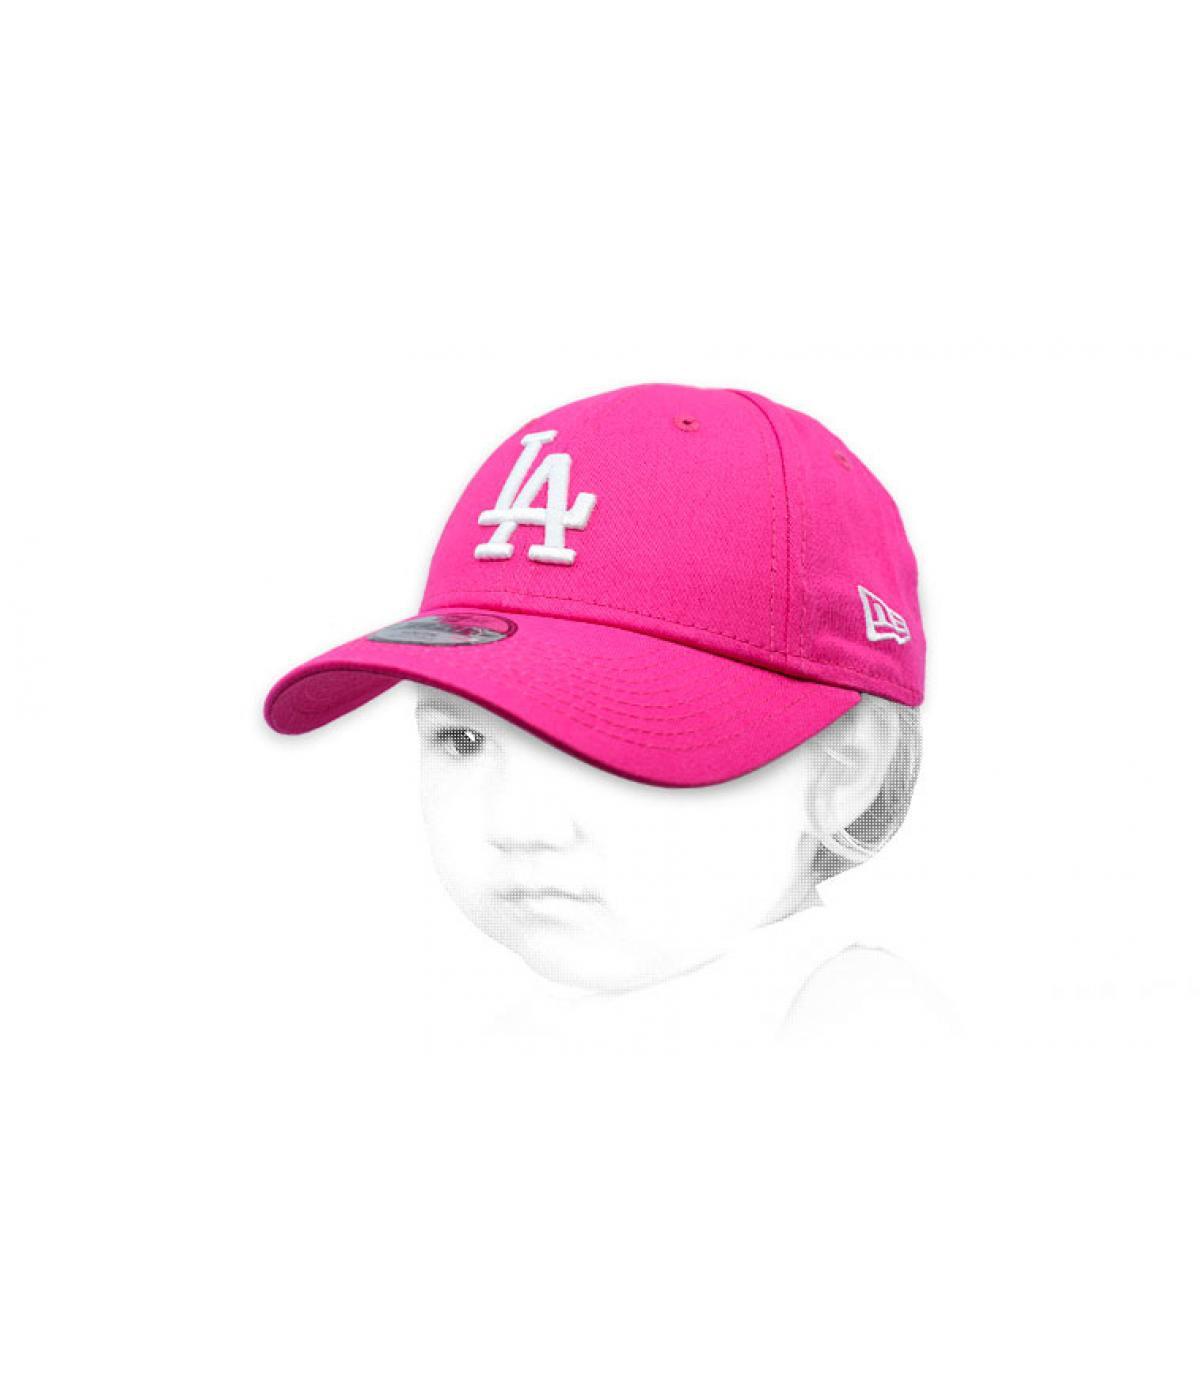 casquette bébé LA rose